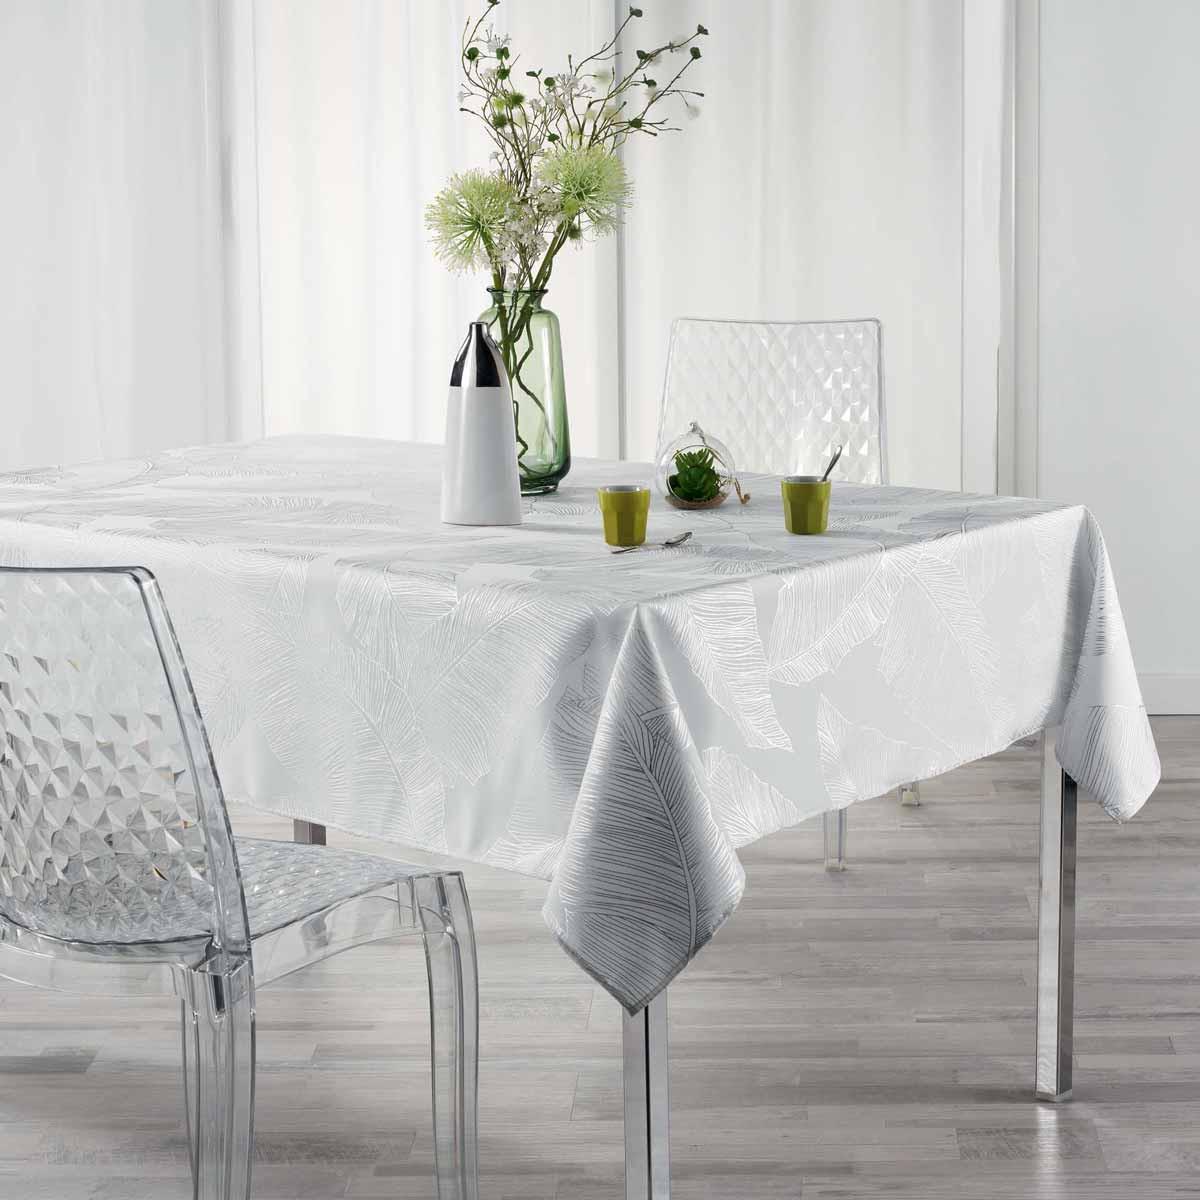 Αλέκιαστο Τραπεζομάντηλο (150×300) Veggy Blanc 1722596